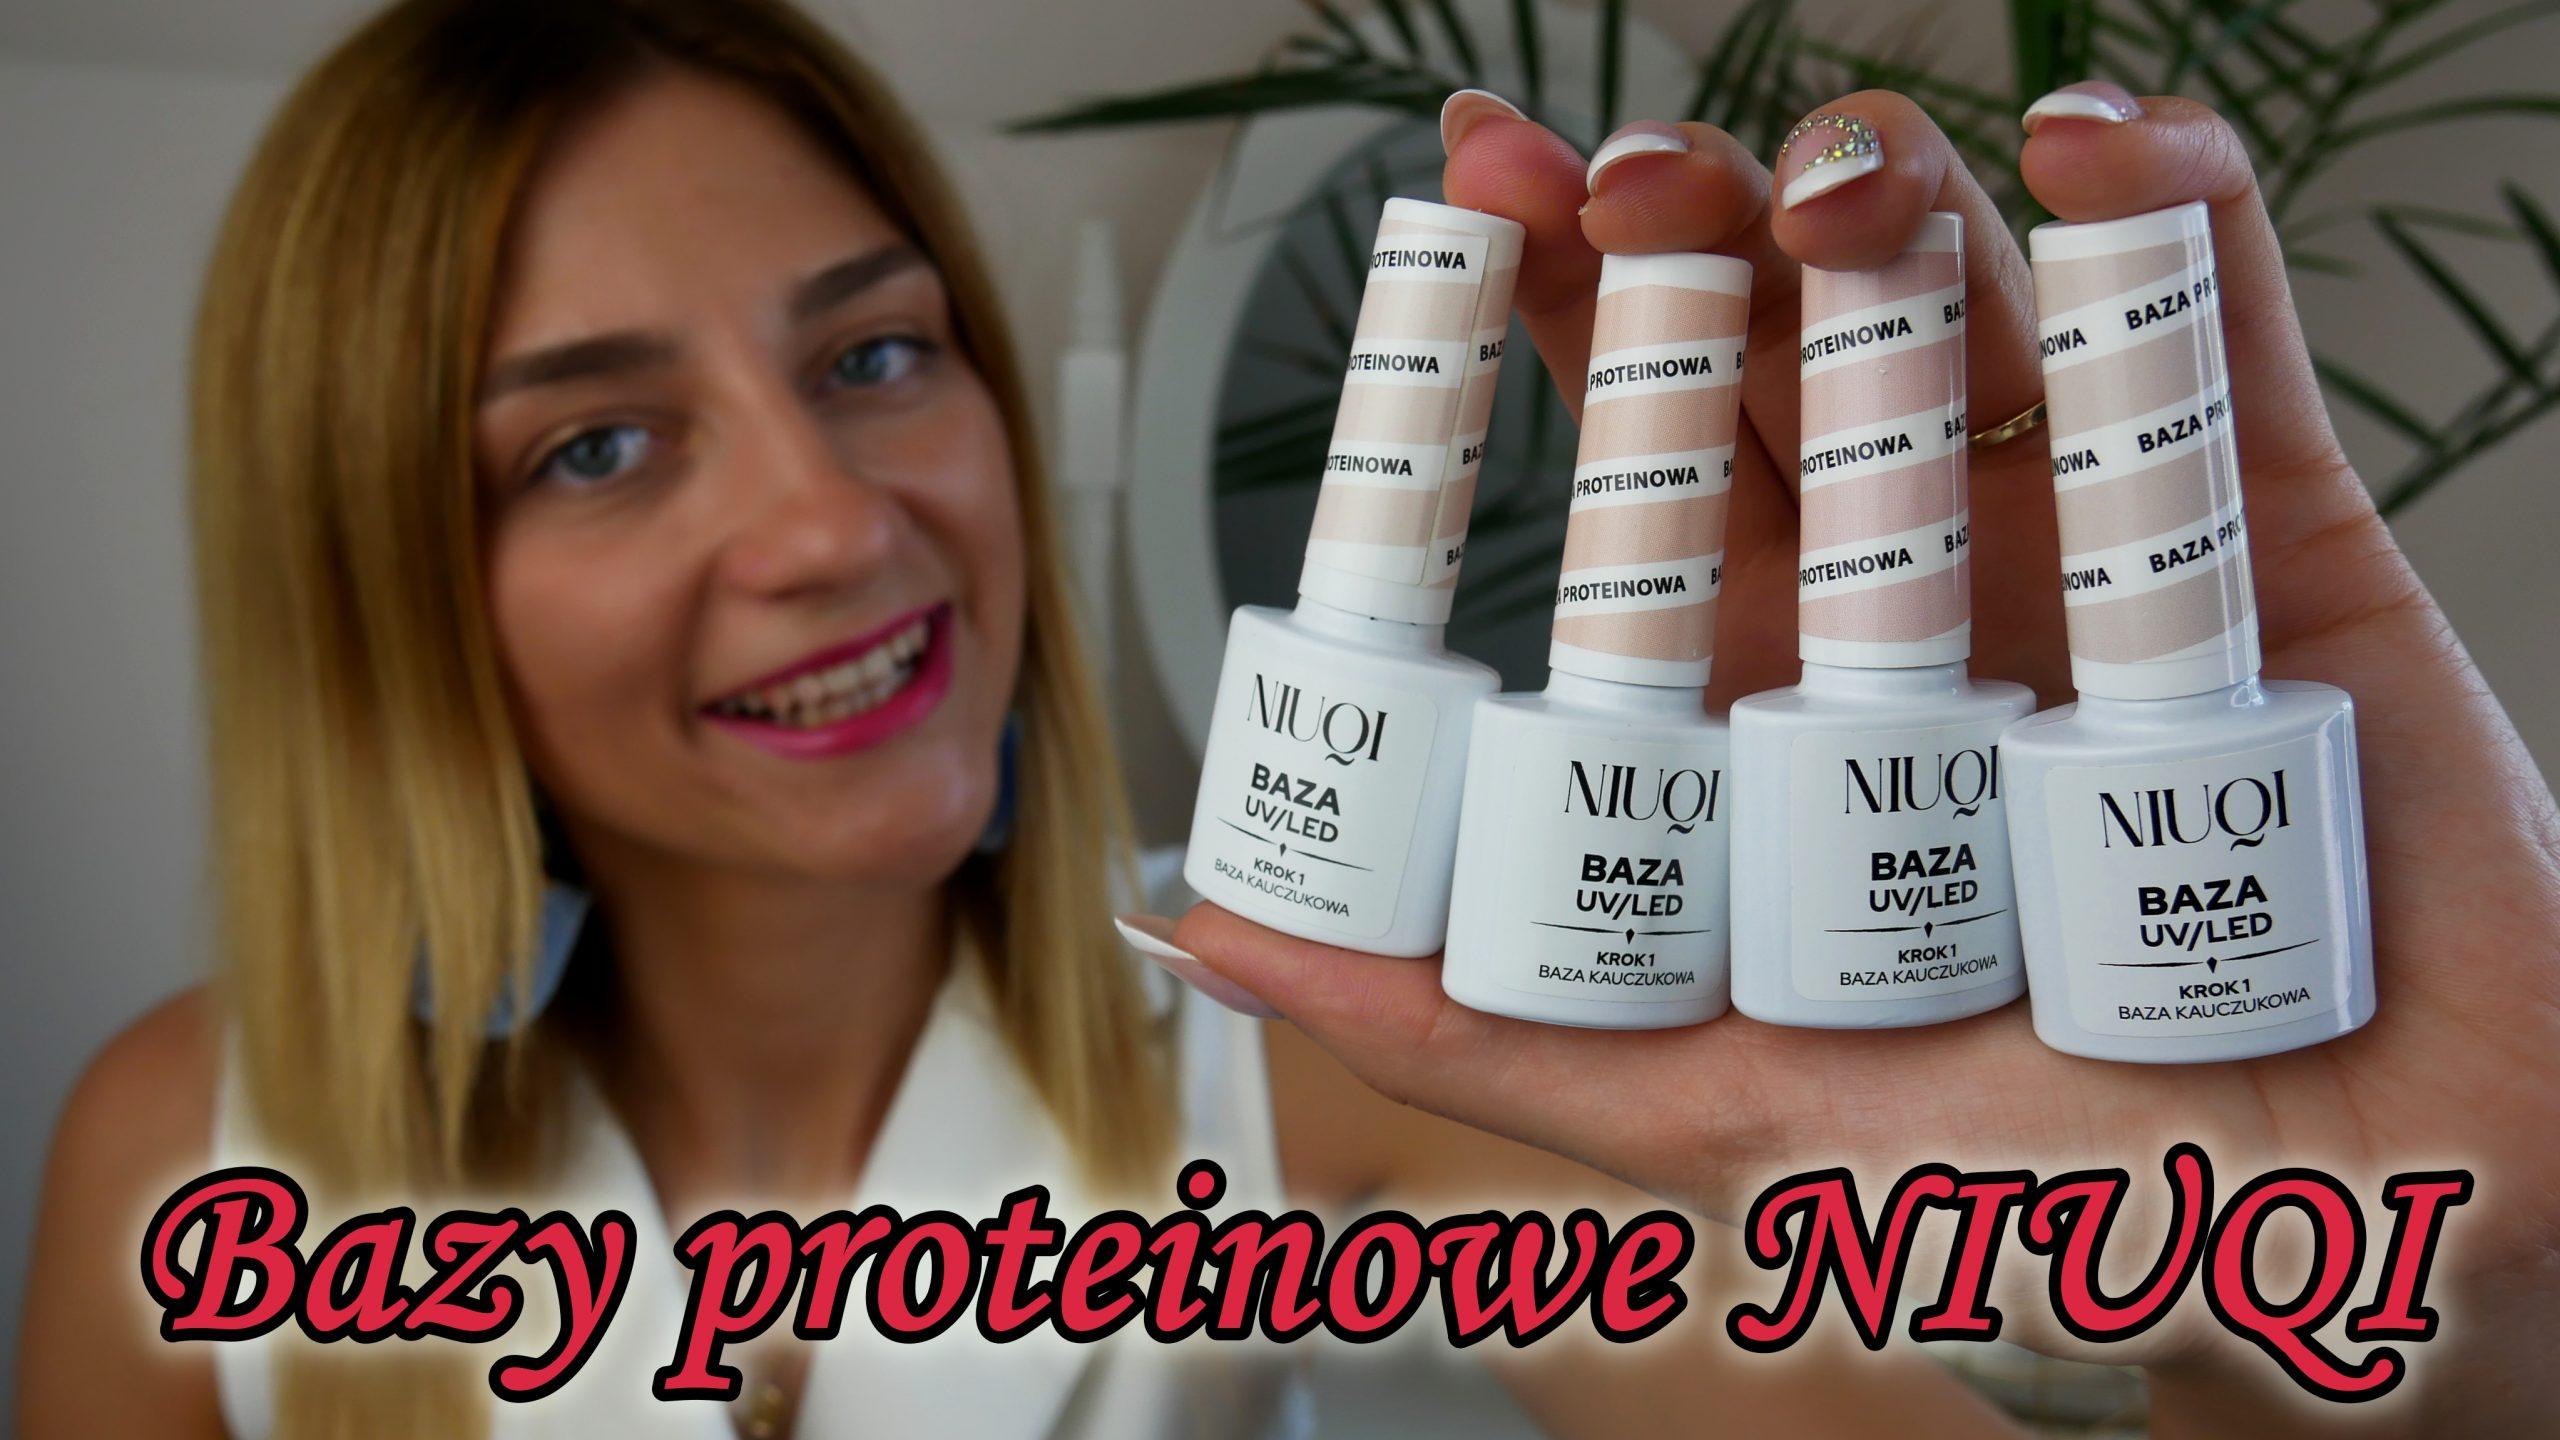 Bazy-kauczukowe-proteinowe-NIUQI-z-Biedronki-Lakierowniczka